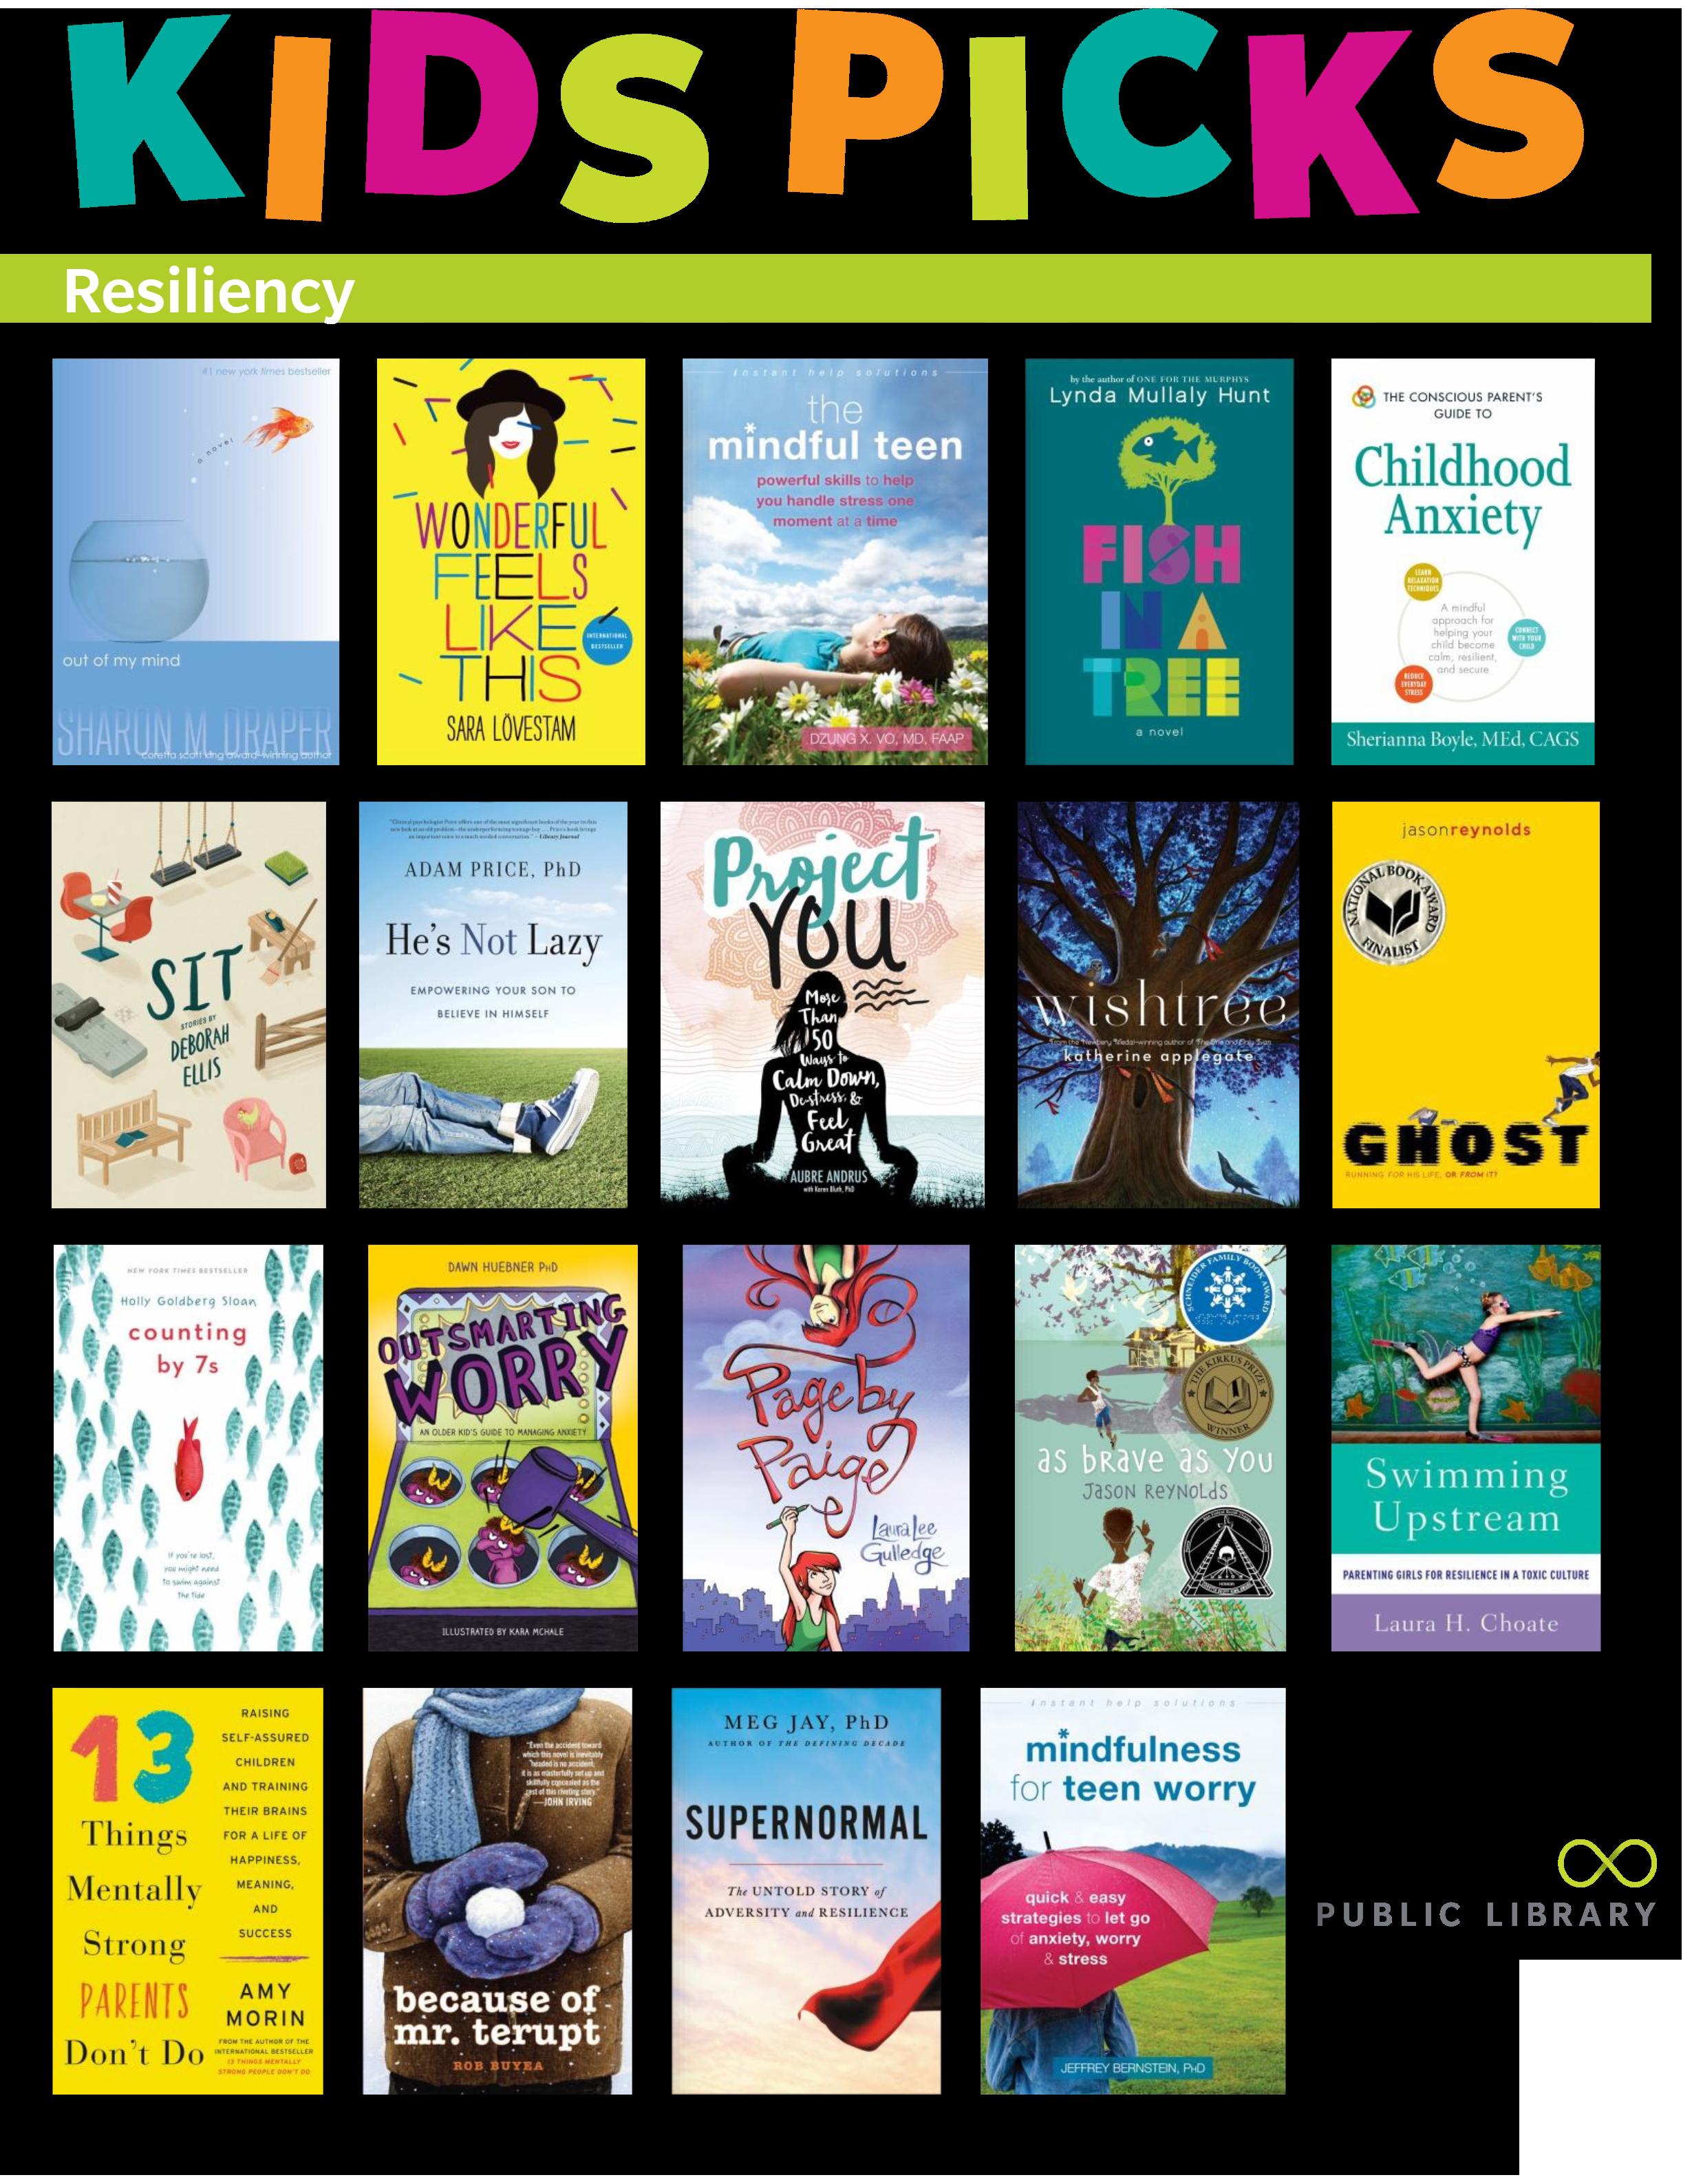 Kids Picks Reading List - Books on Resiliency